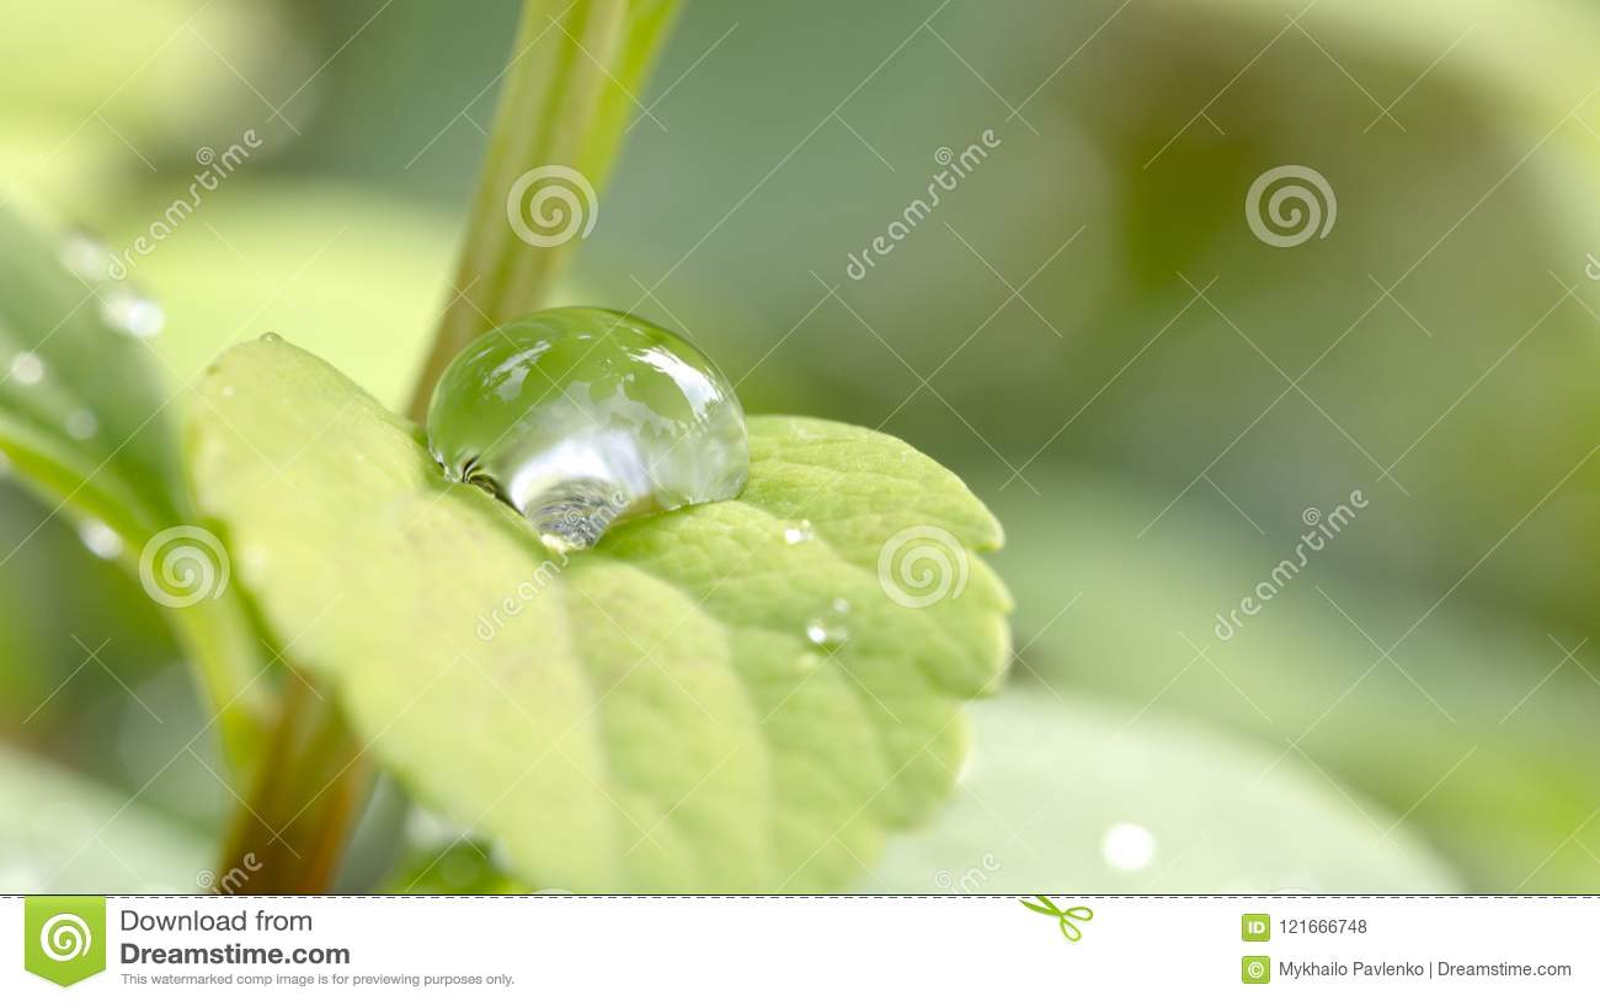 Dagg tappar den gröna leafen